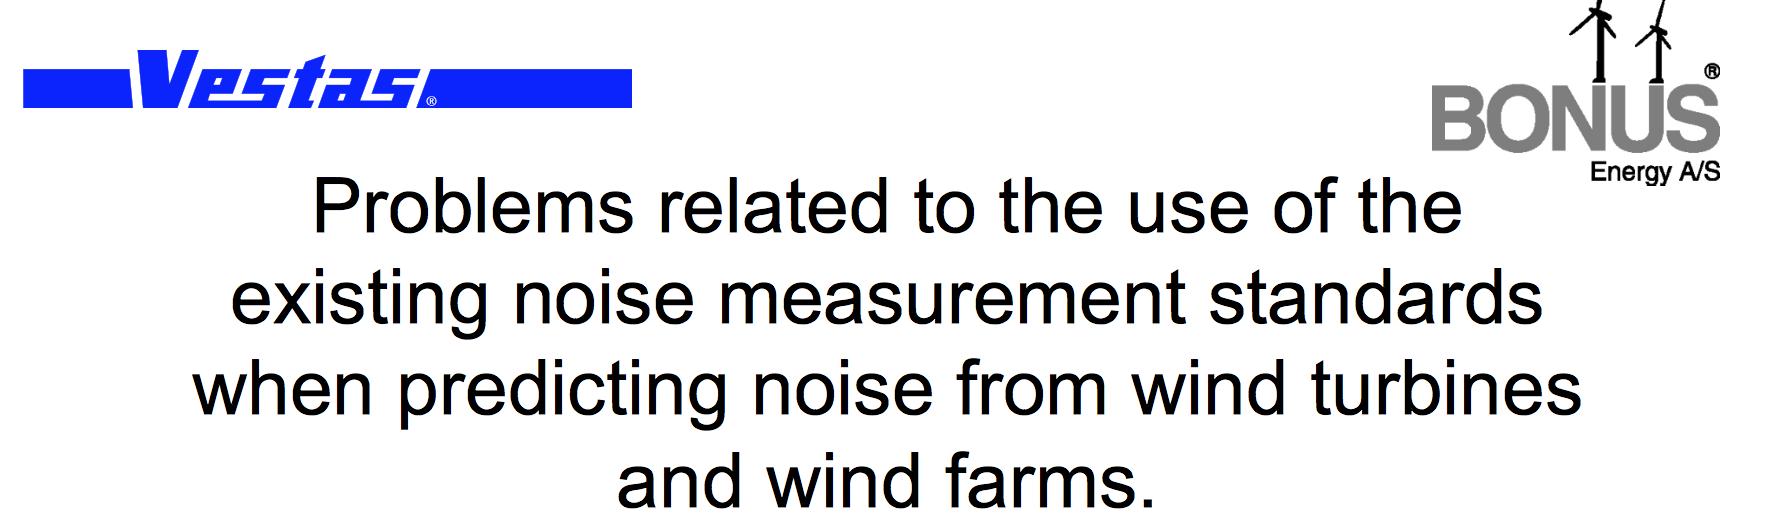 Groot gat in onderzoek naar laagfrequente geluidsoverlast